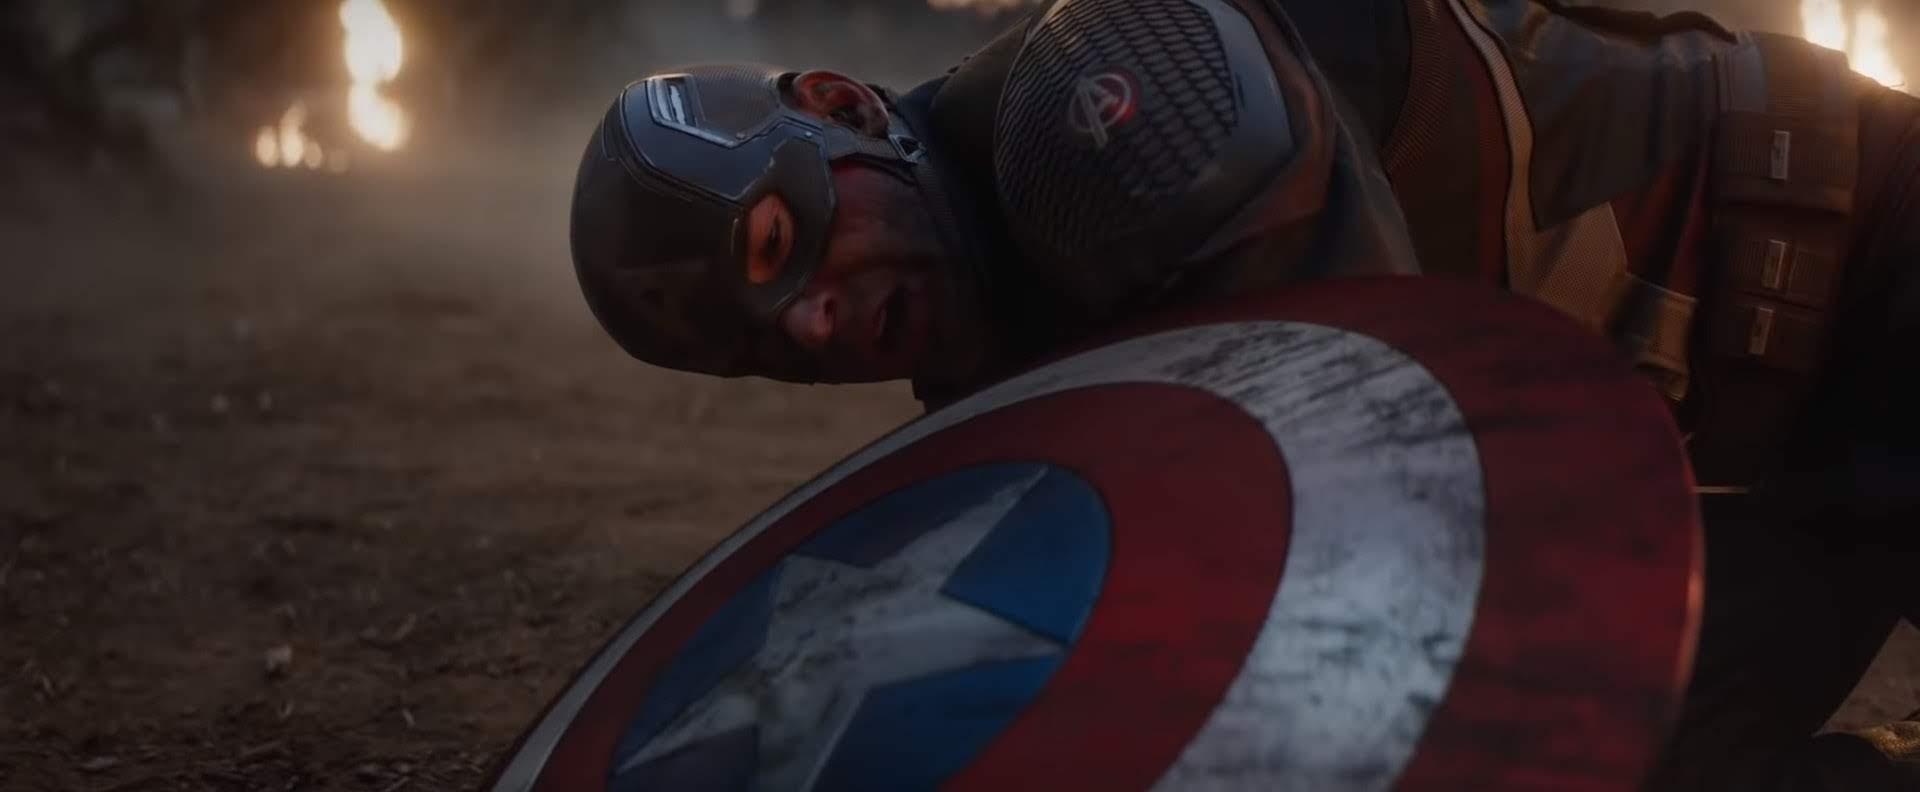 「エンドゲーム」の結末でまた、もとの過去に戻すために、キャプテン・アメリカは単独で時間を超えたわけですが、すんなりと過去の雷神にムジョルニアを返すことが出来